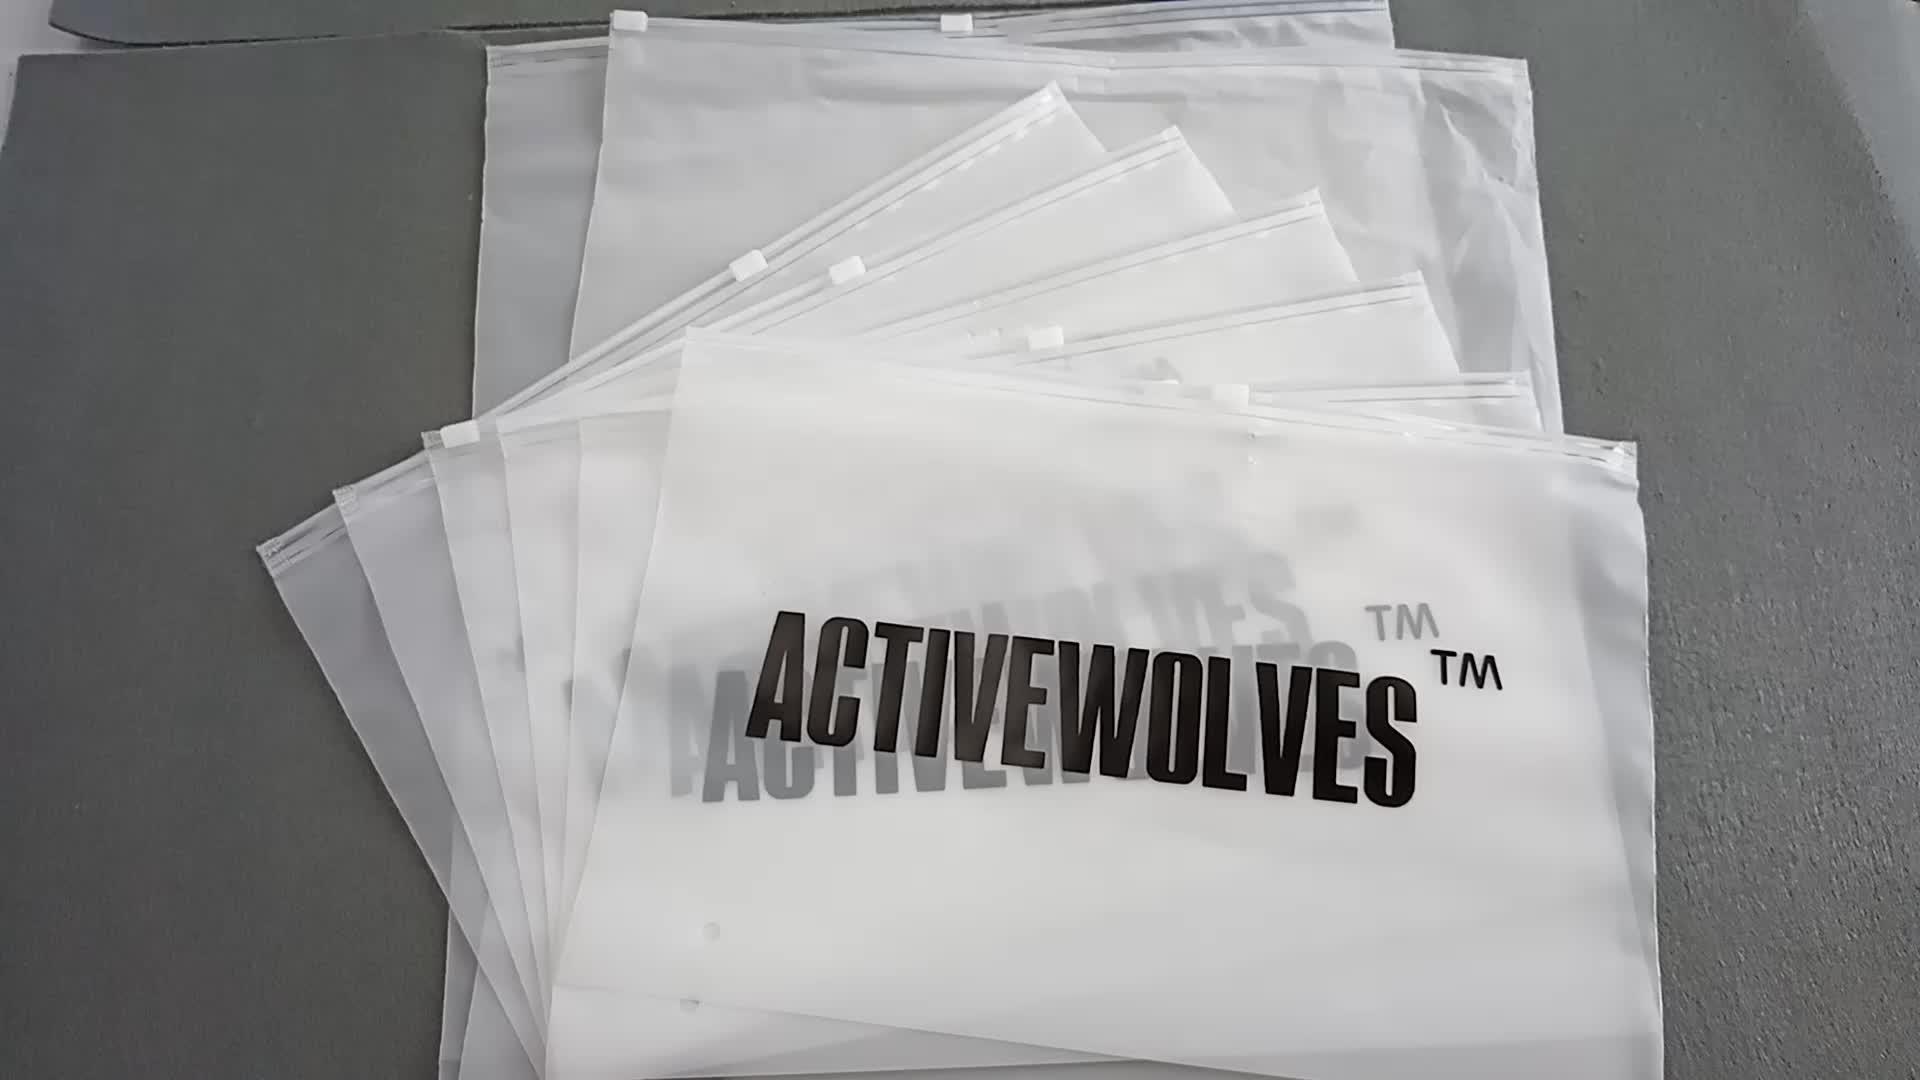 A Impressão Do Logotipo personalizado Slide Frosted Biodegradável Saco de Plástico com Zíper para Roupas T-shirt